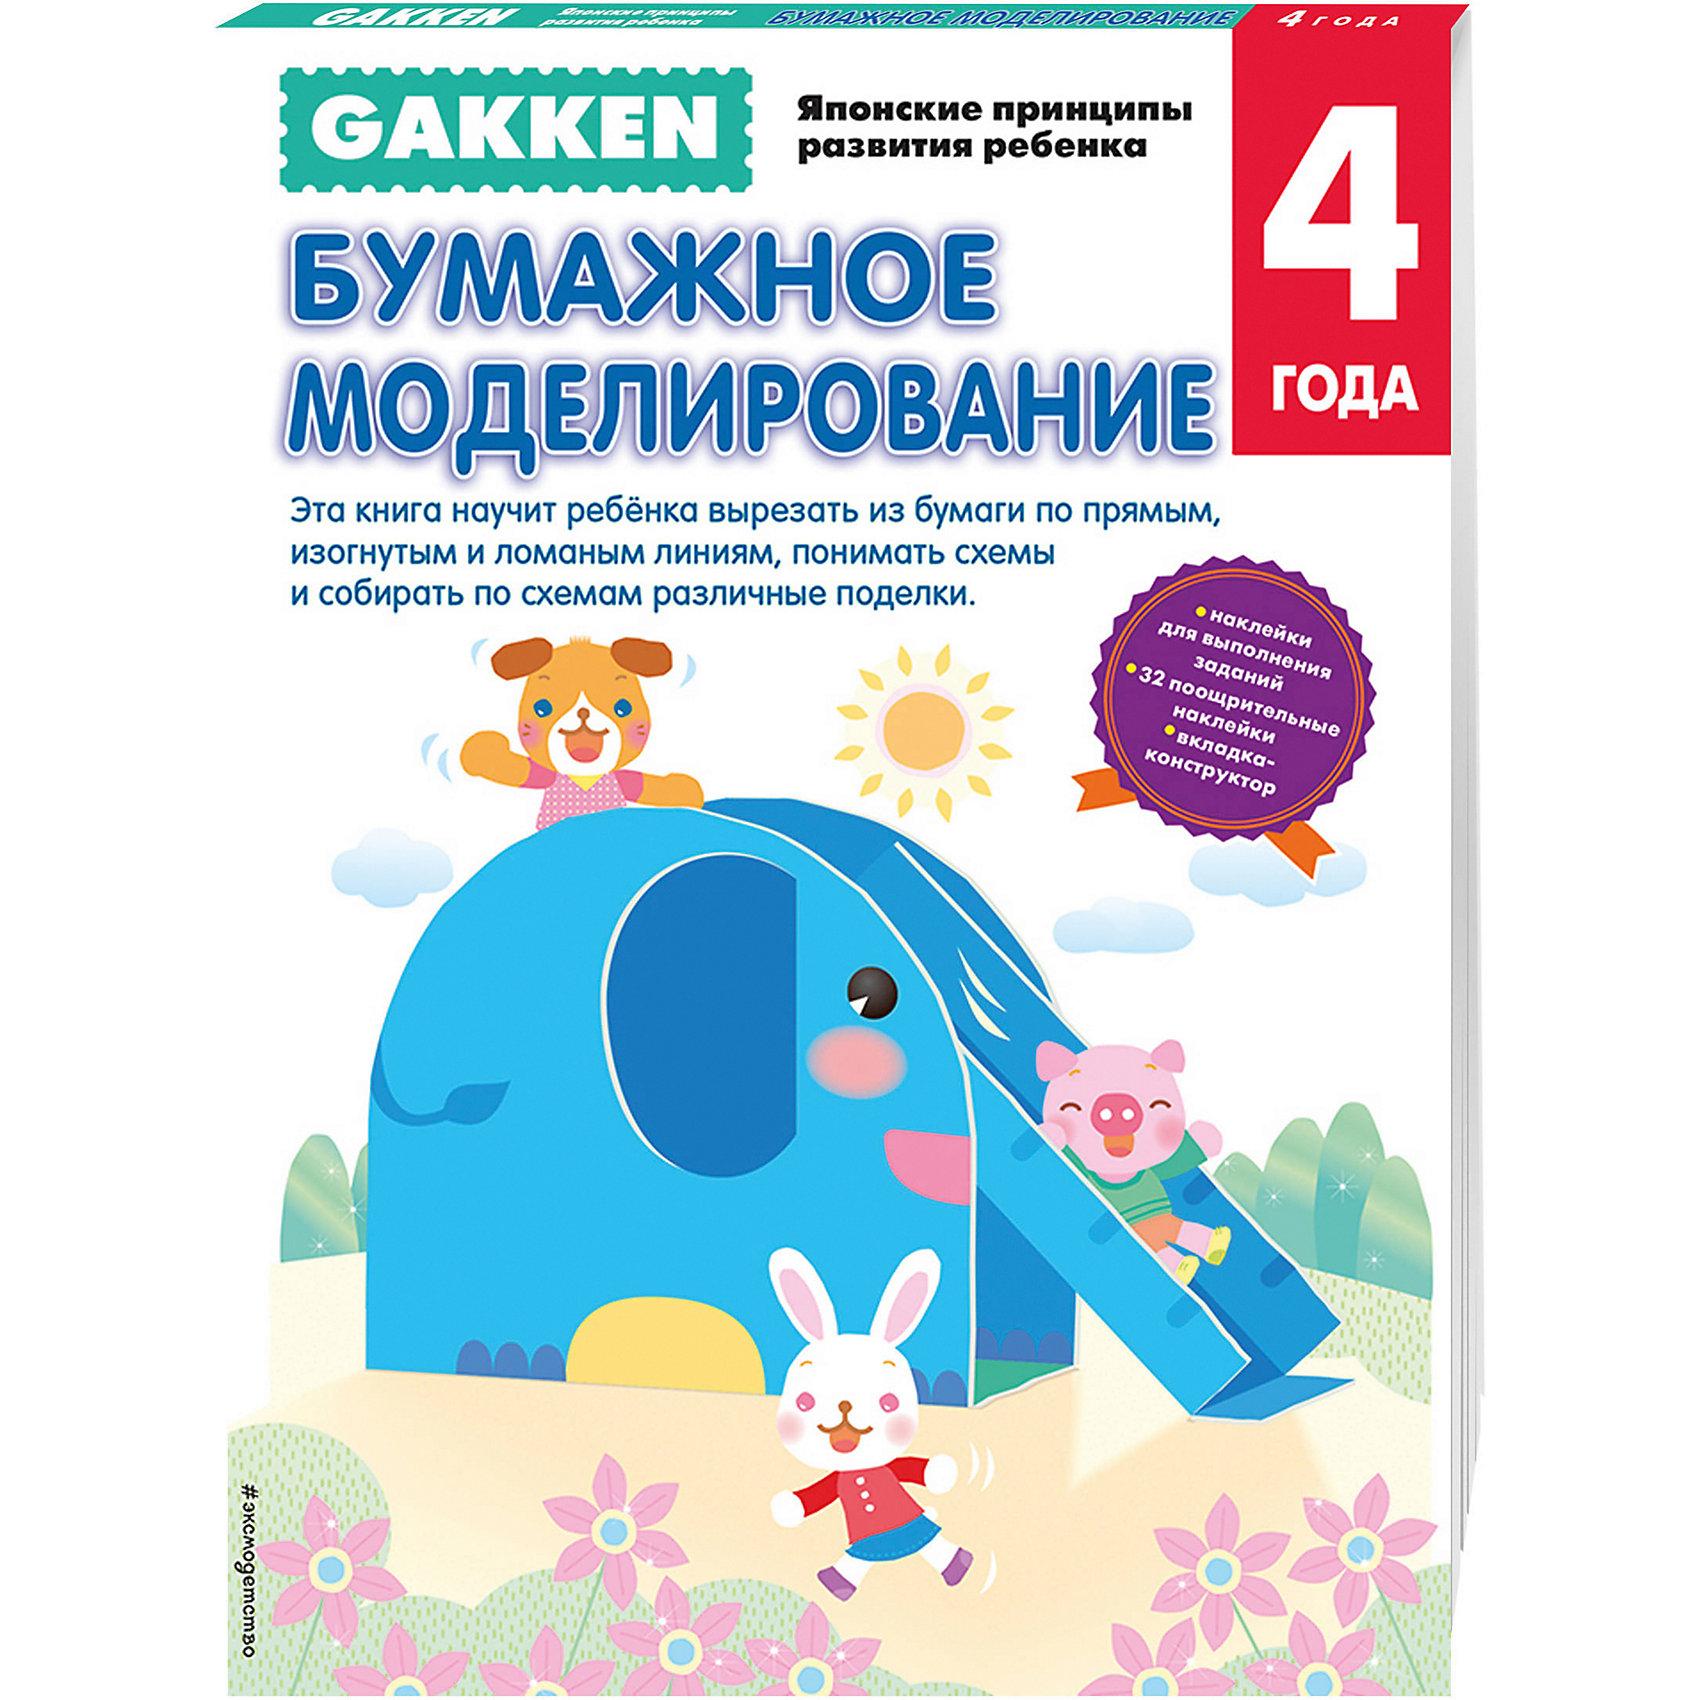 Бумажное моделирование, 4+, GakkenЭксмо<br>Книга 4+ Бумажное моделирование поможет родителям научить малыша вырезать из бумаги по прямым, изогнутым и ломаным линиям, понимать схемы и собирать по схемам различные поделки.<br><br>Занимаясь по рабочим тетрадям «GAKKEN Японские принципы развития ребенка» вы через некоторое время сами убедитесь в том, что  без нервотрепки и утомительных скучных занятий  ваш ребенок может:<br>•Самостоятельно находить решения довольно сложных задач, в том числе пространственных<br>•Логически рассуждать и принимать решения<br>•Не просто считать, но и понимать математическую логику счета и решения задач<br>•Правильно держать карандаш и фломастер<br>•Рисовать, раскрашивать, проводить разные линии<br>•Управляться с ножницами и клеем<br>•Делать по образцу и даже придумывать сам аппликации и другие поделки из бумаги<br><br>Ширина мм: 210<br>Глубина мм: 290<br>Высота мм: 50<br>Вес г: 287<br>Возраст от месяцев: 36<br>Возраст до месяцев: 2147483647<br>Пол: Унисекс<br>Возраст: Детский<br>SKU: 5535526